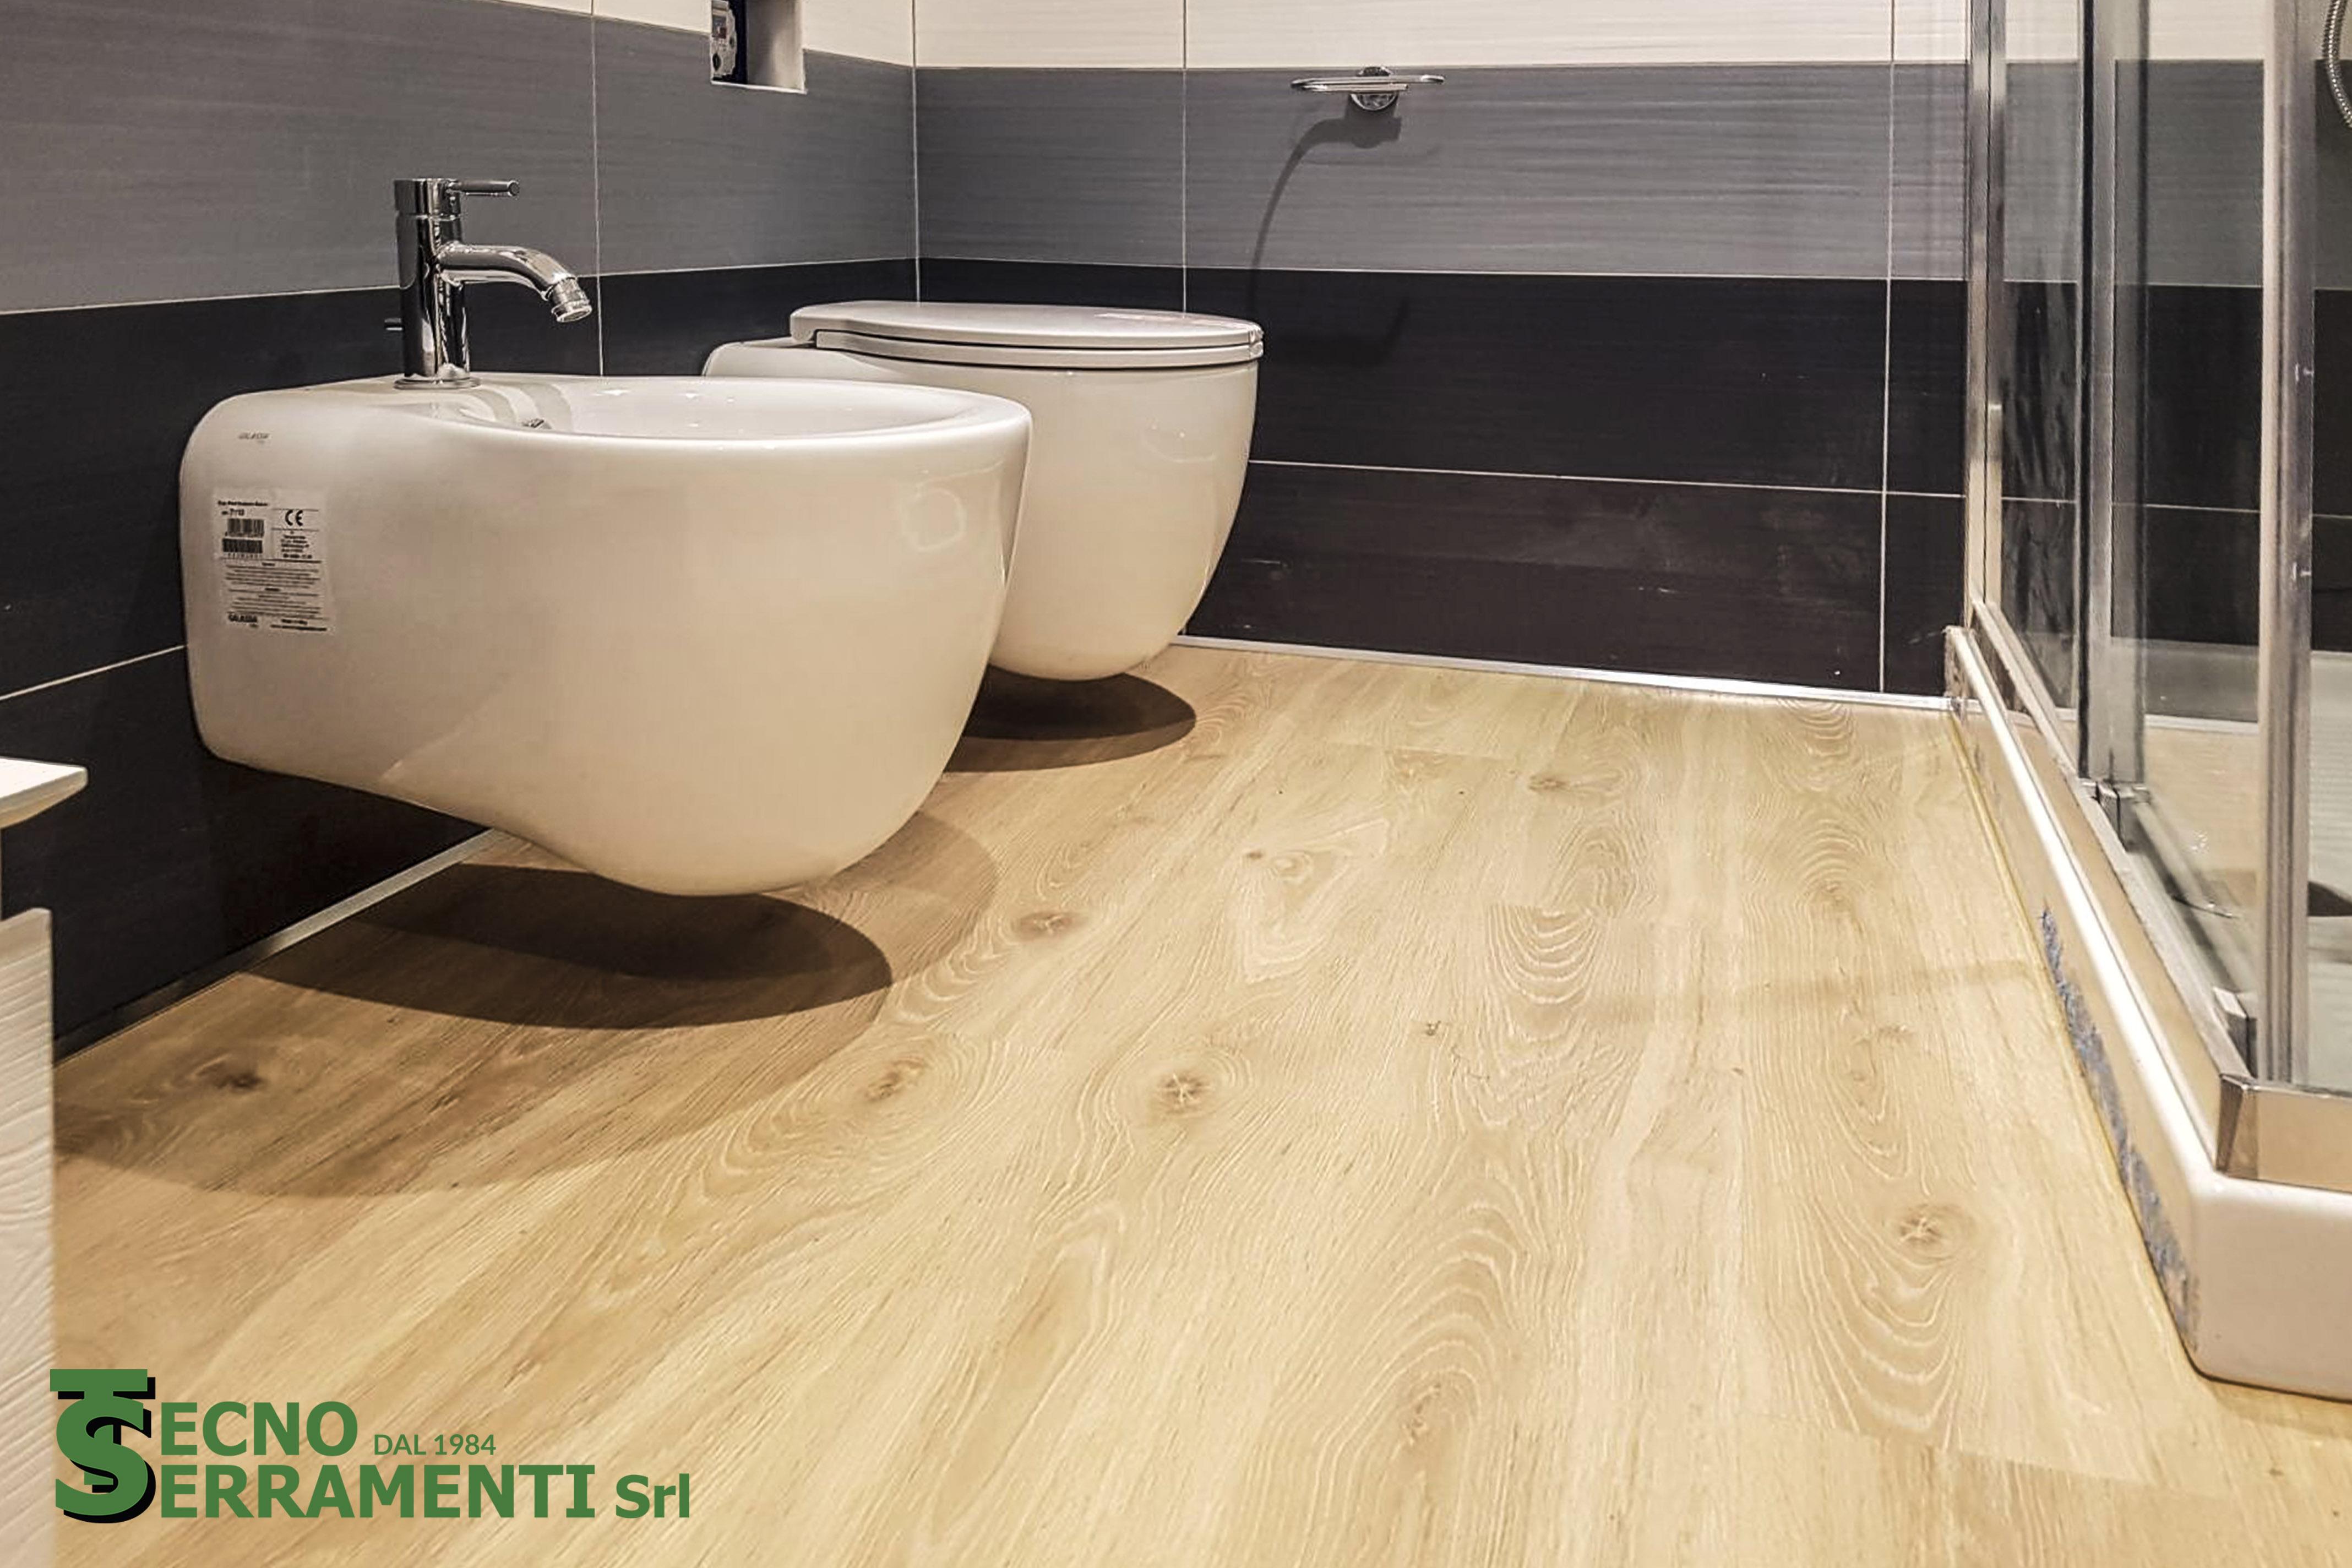 Pavimentazione in laminato per bagno